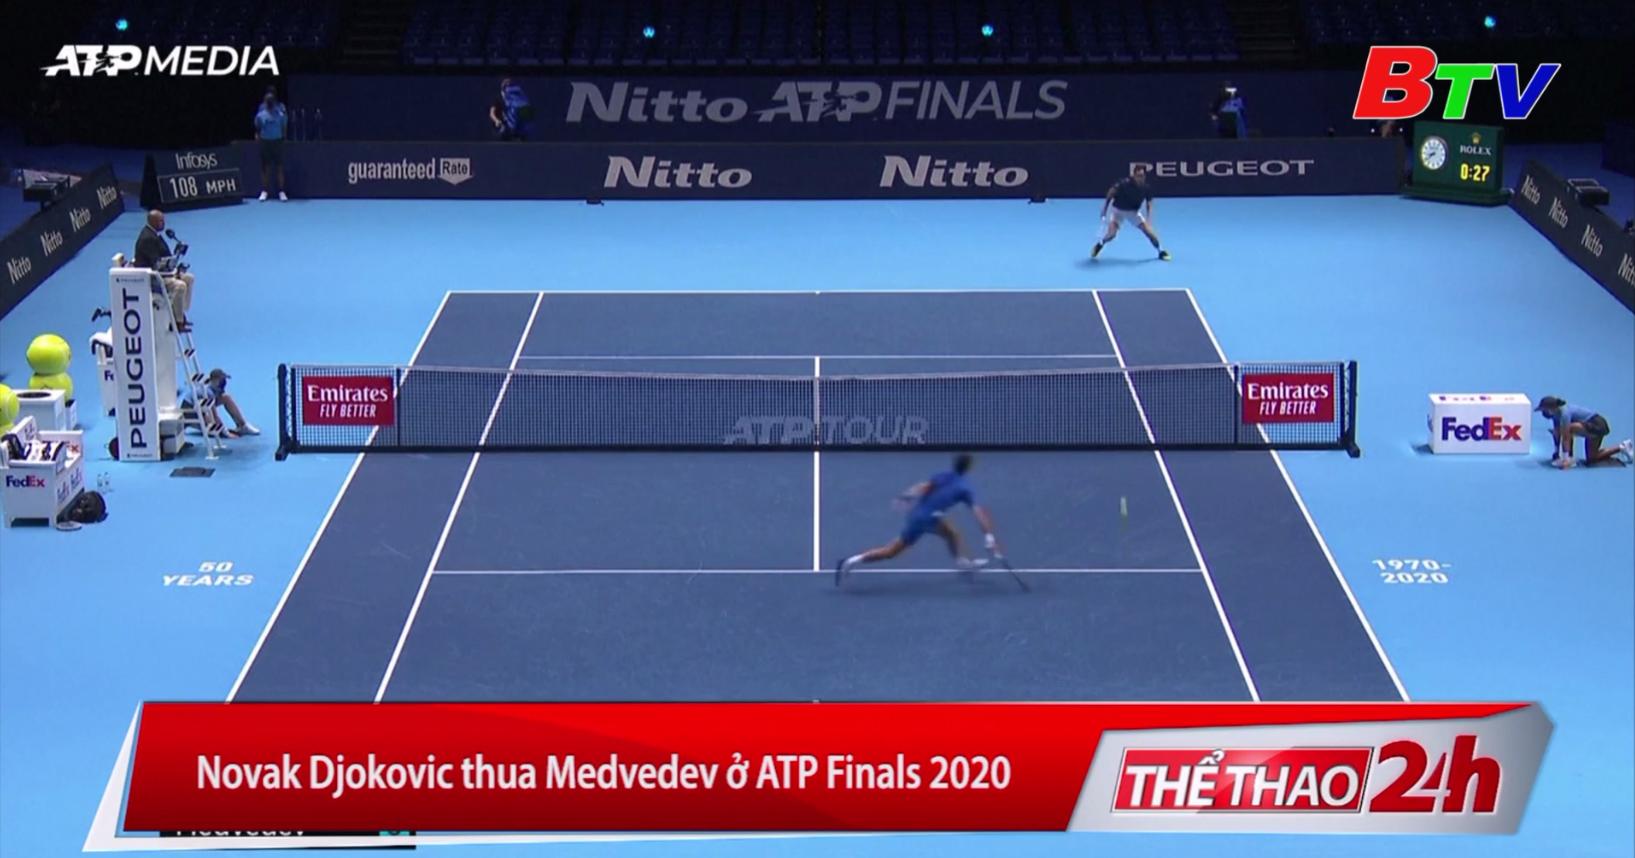 Novak Djokovic thua Medvedev ở ATP Finals 2020